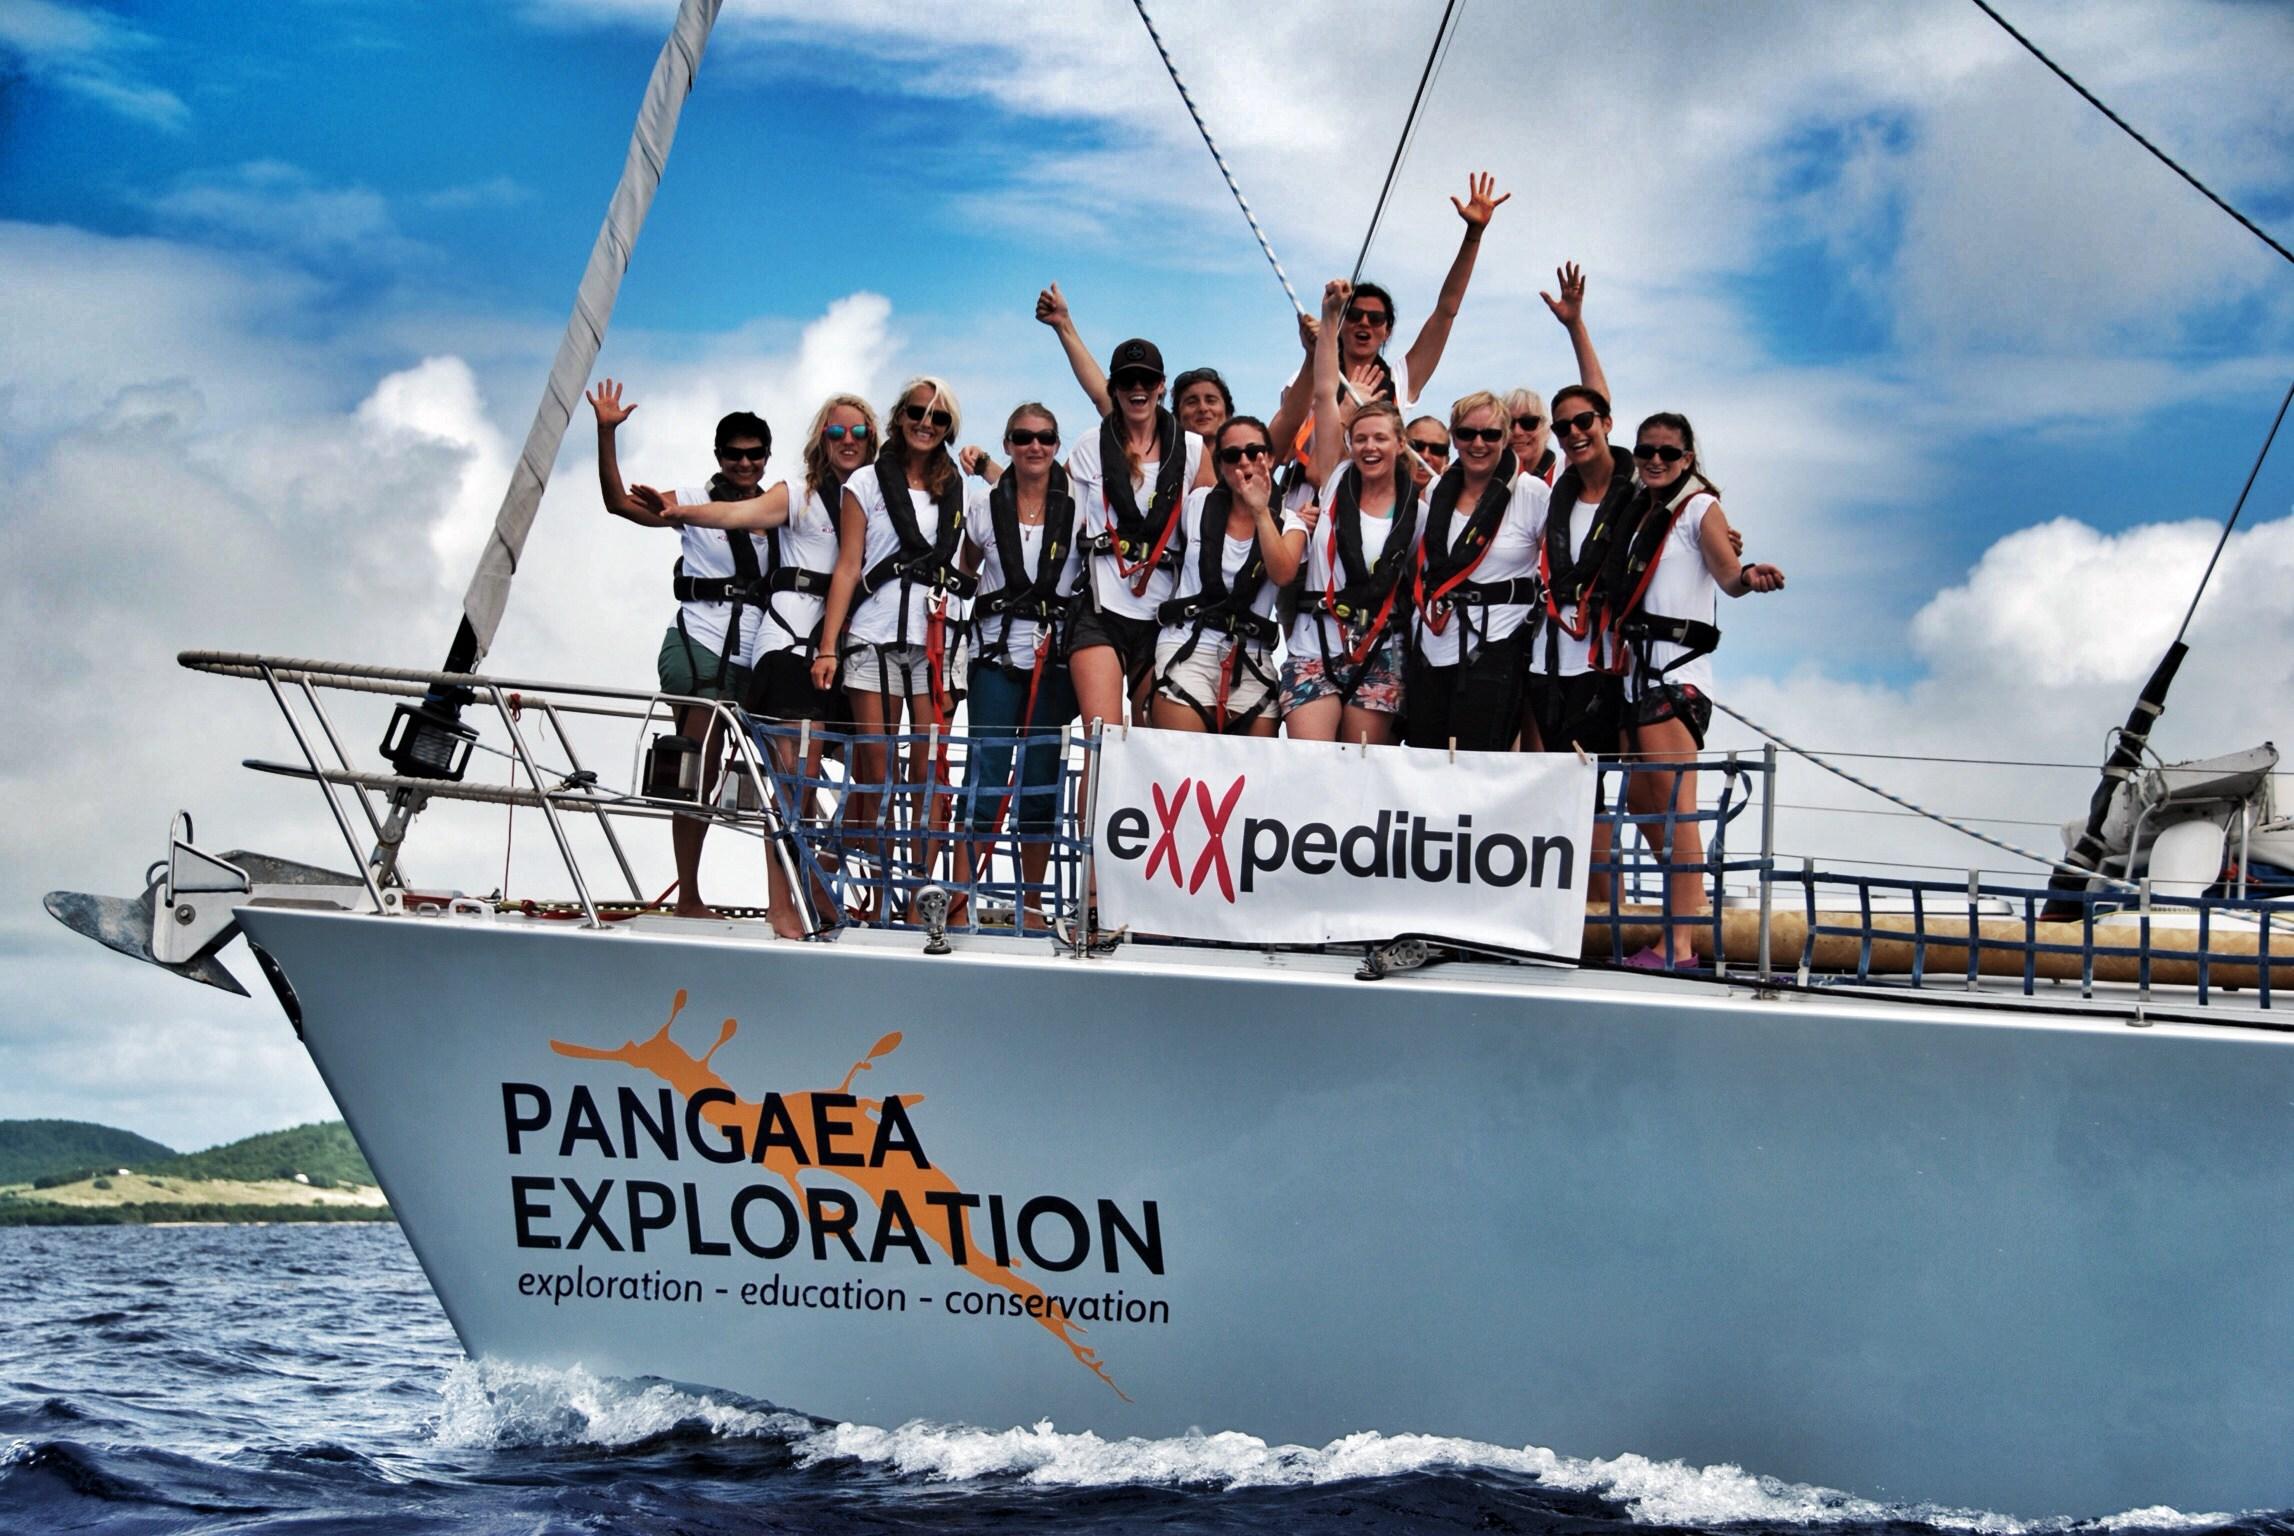 Foto tratta dal sito di Exxpedition